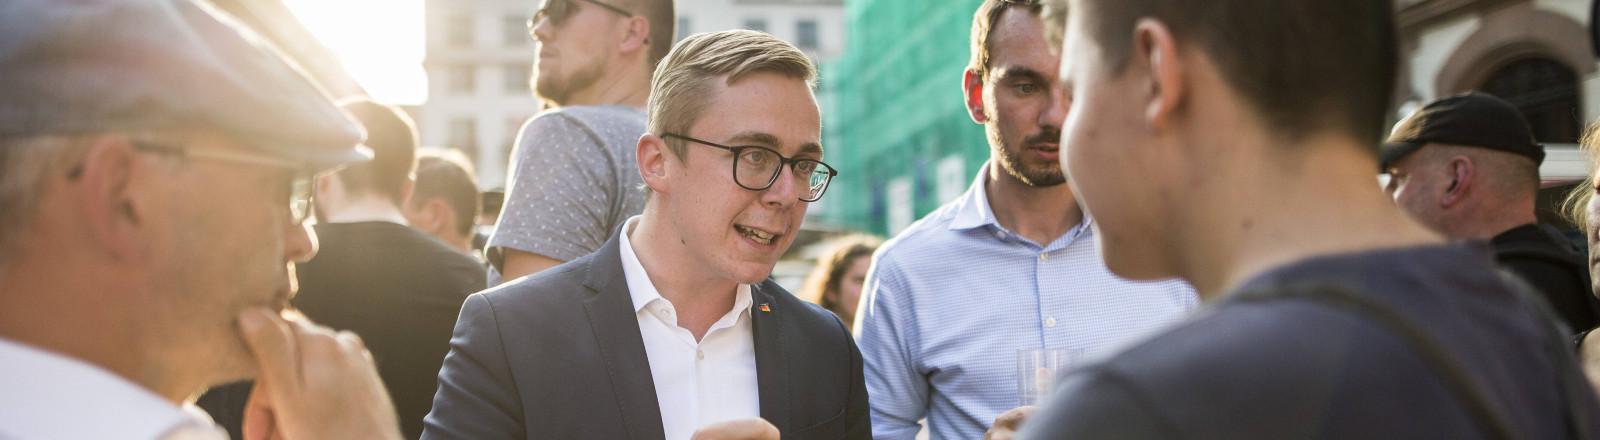 CDU-Bundestagabgeordneter Philipp Amthor im Gespräch mit Besuchern einer Wahlkampveranstaltung.